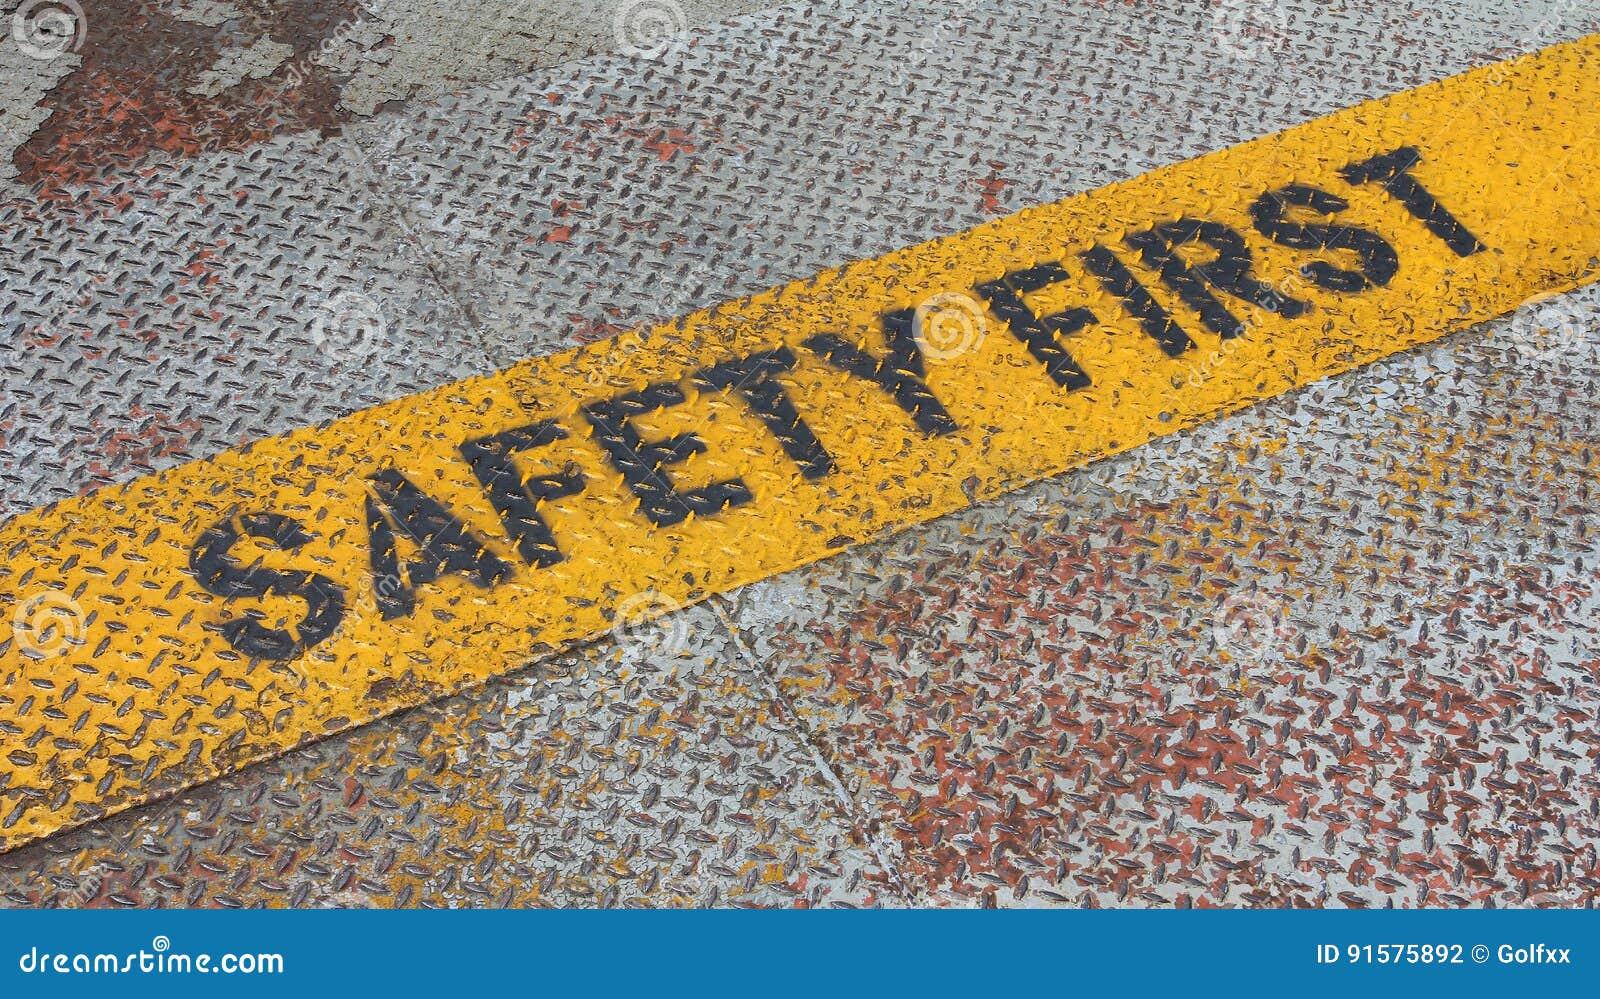 Πρώτο σημάδι ασφάλειας στη λουρίδα προσοχής